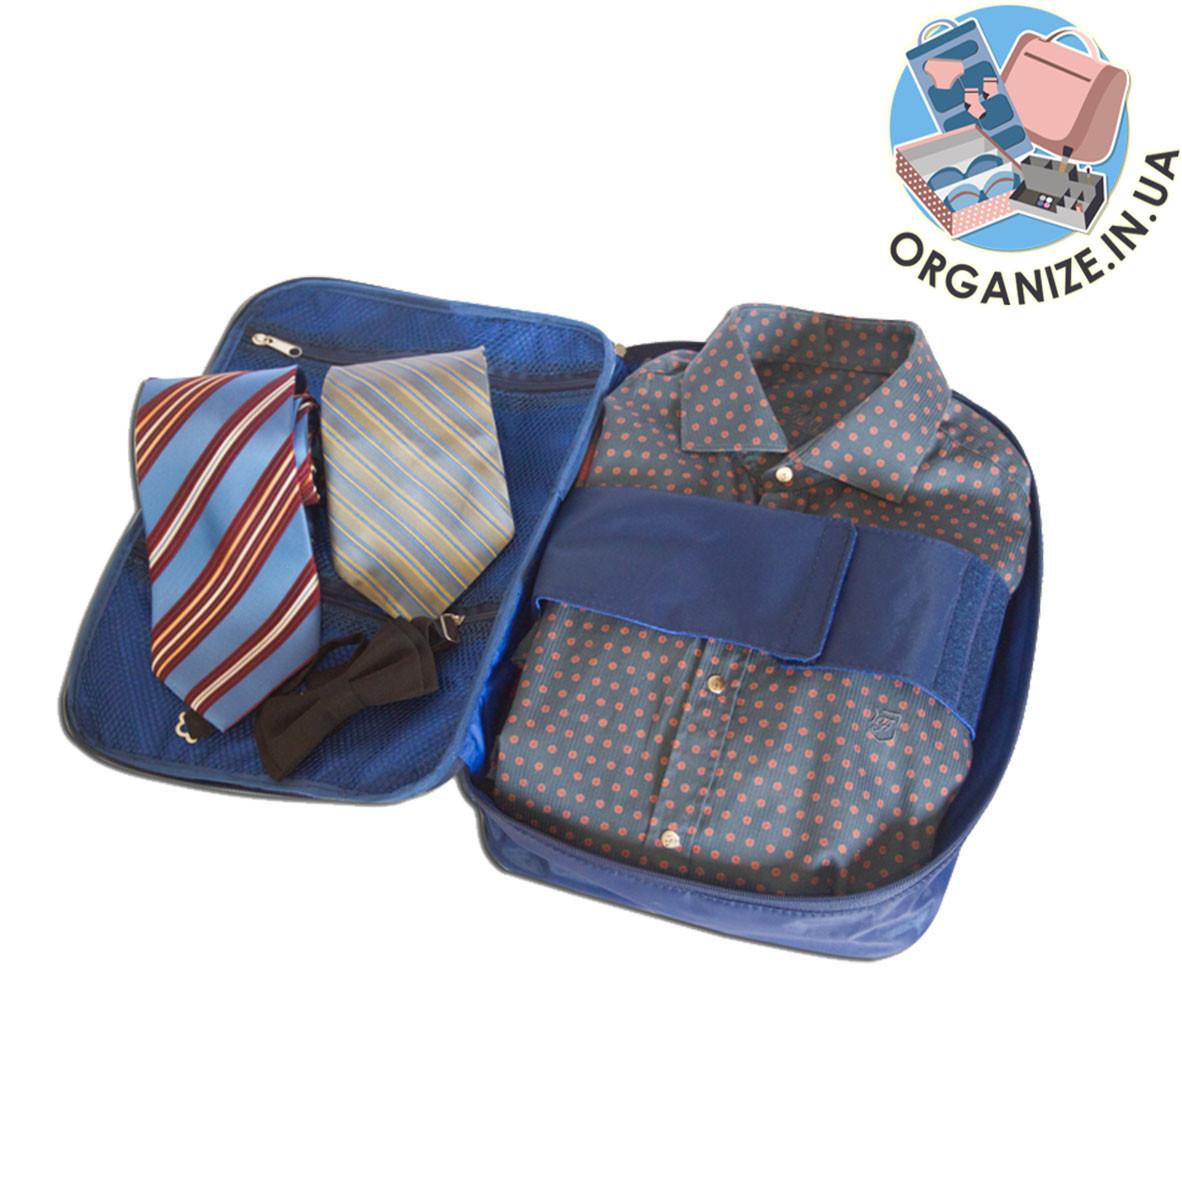 Мужской органайзер для рубашек на 3 шт для путешествий ORGANIZE (синий)